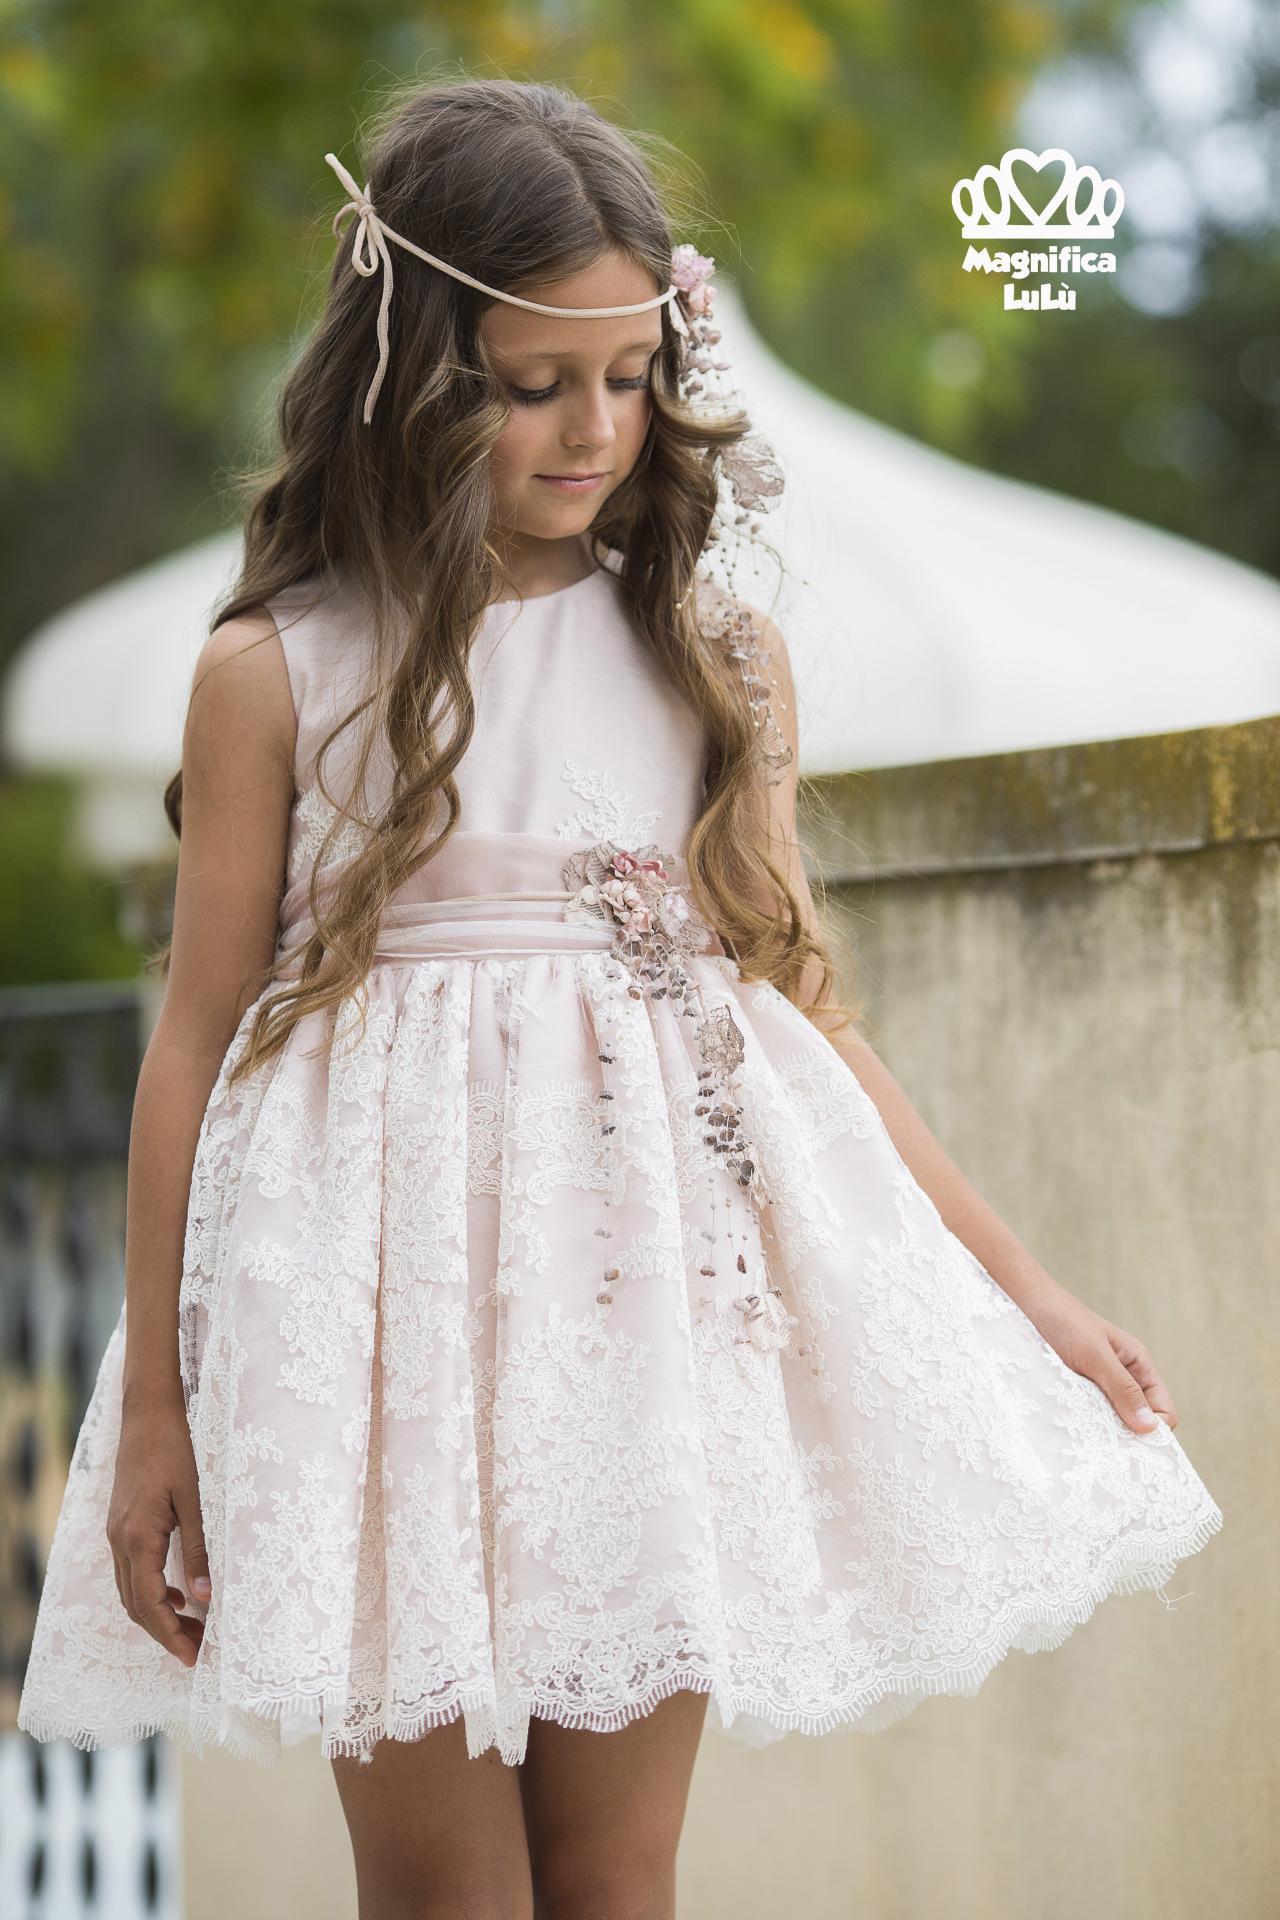 Vestido Magnifica Lulú